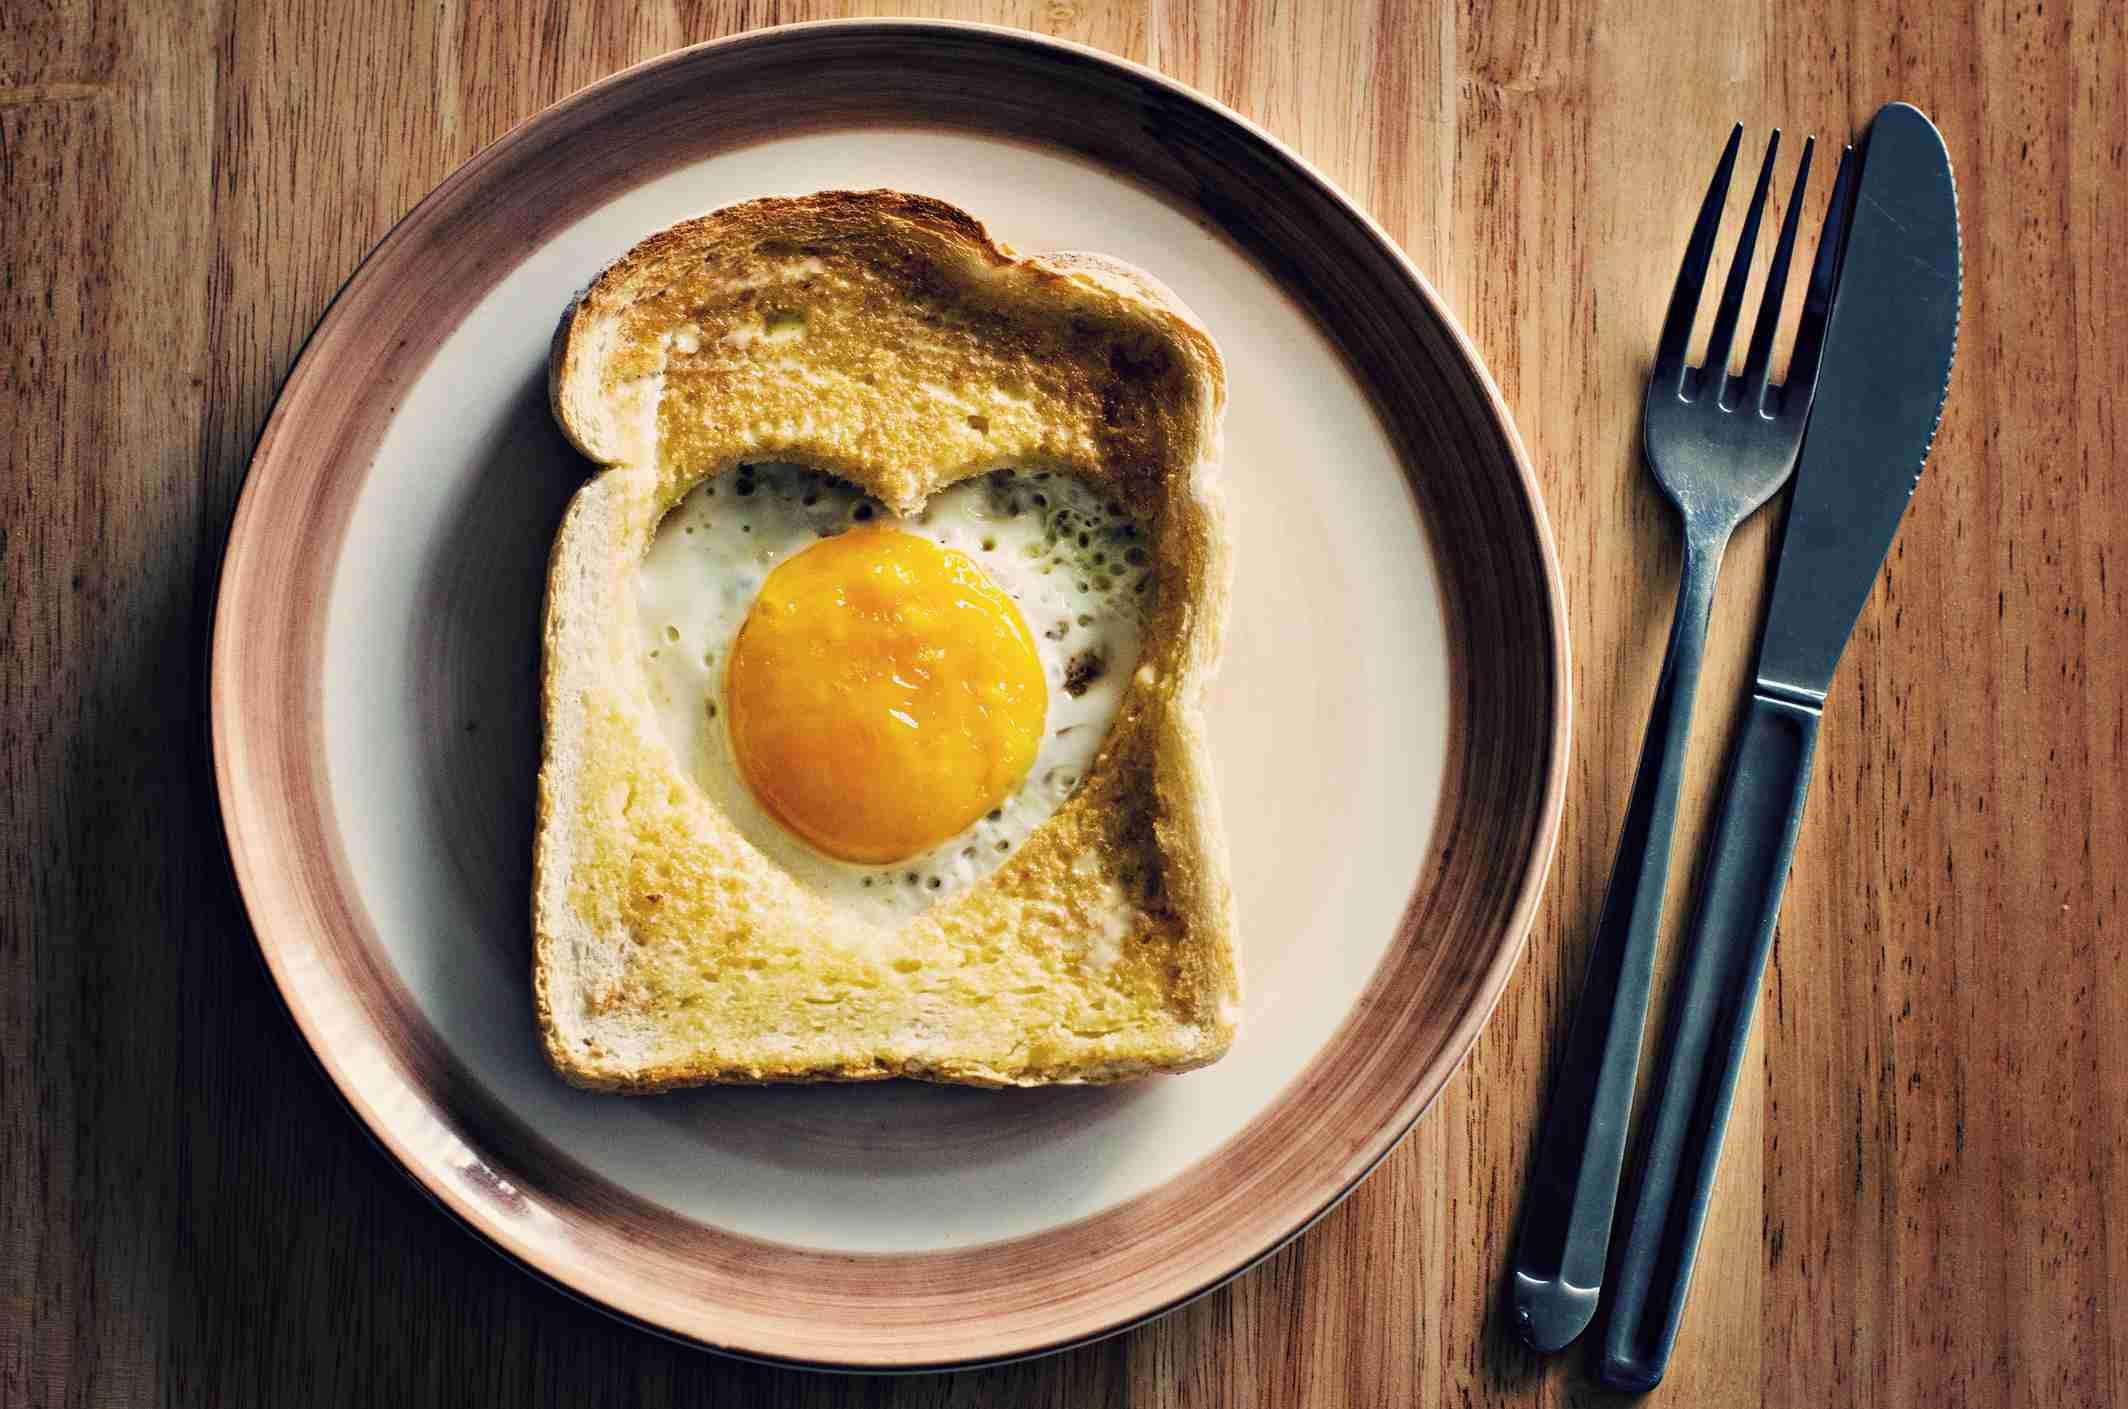 Heart shaped egg inside toast